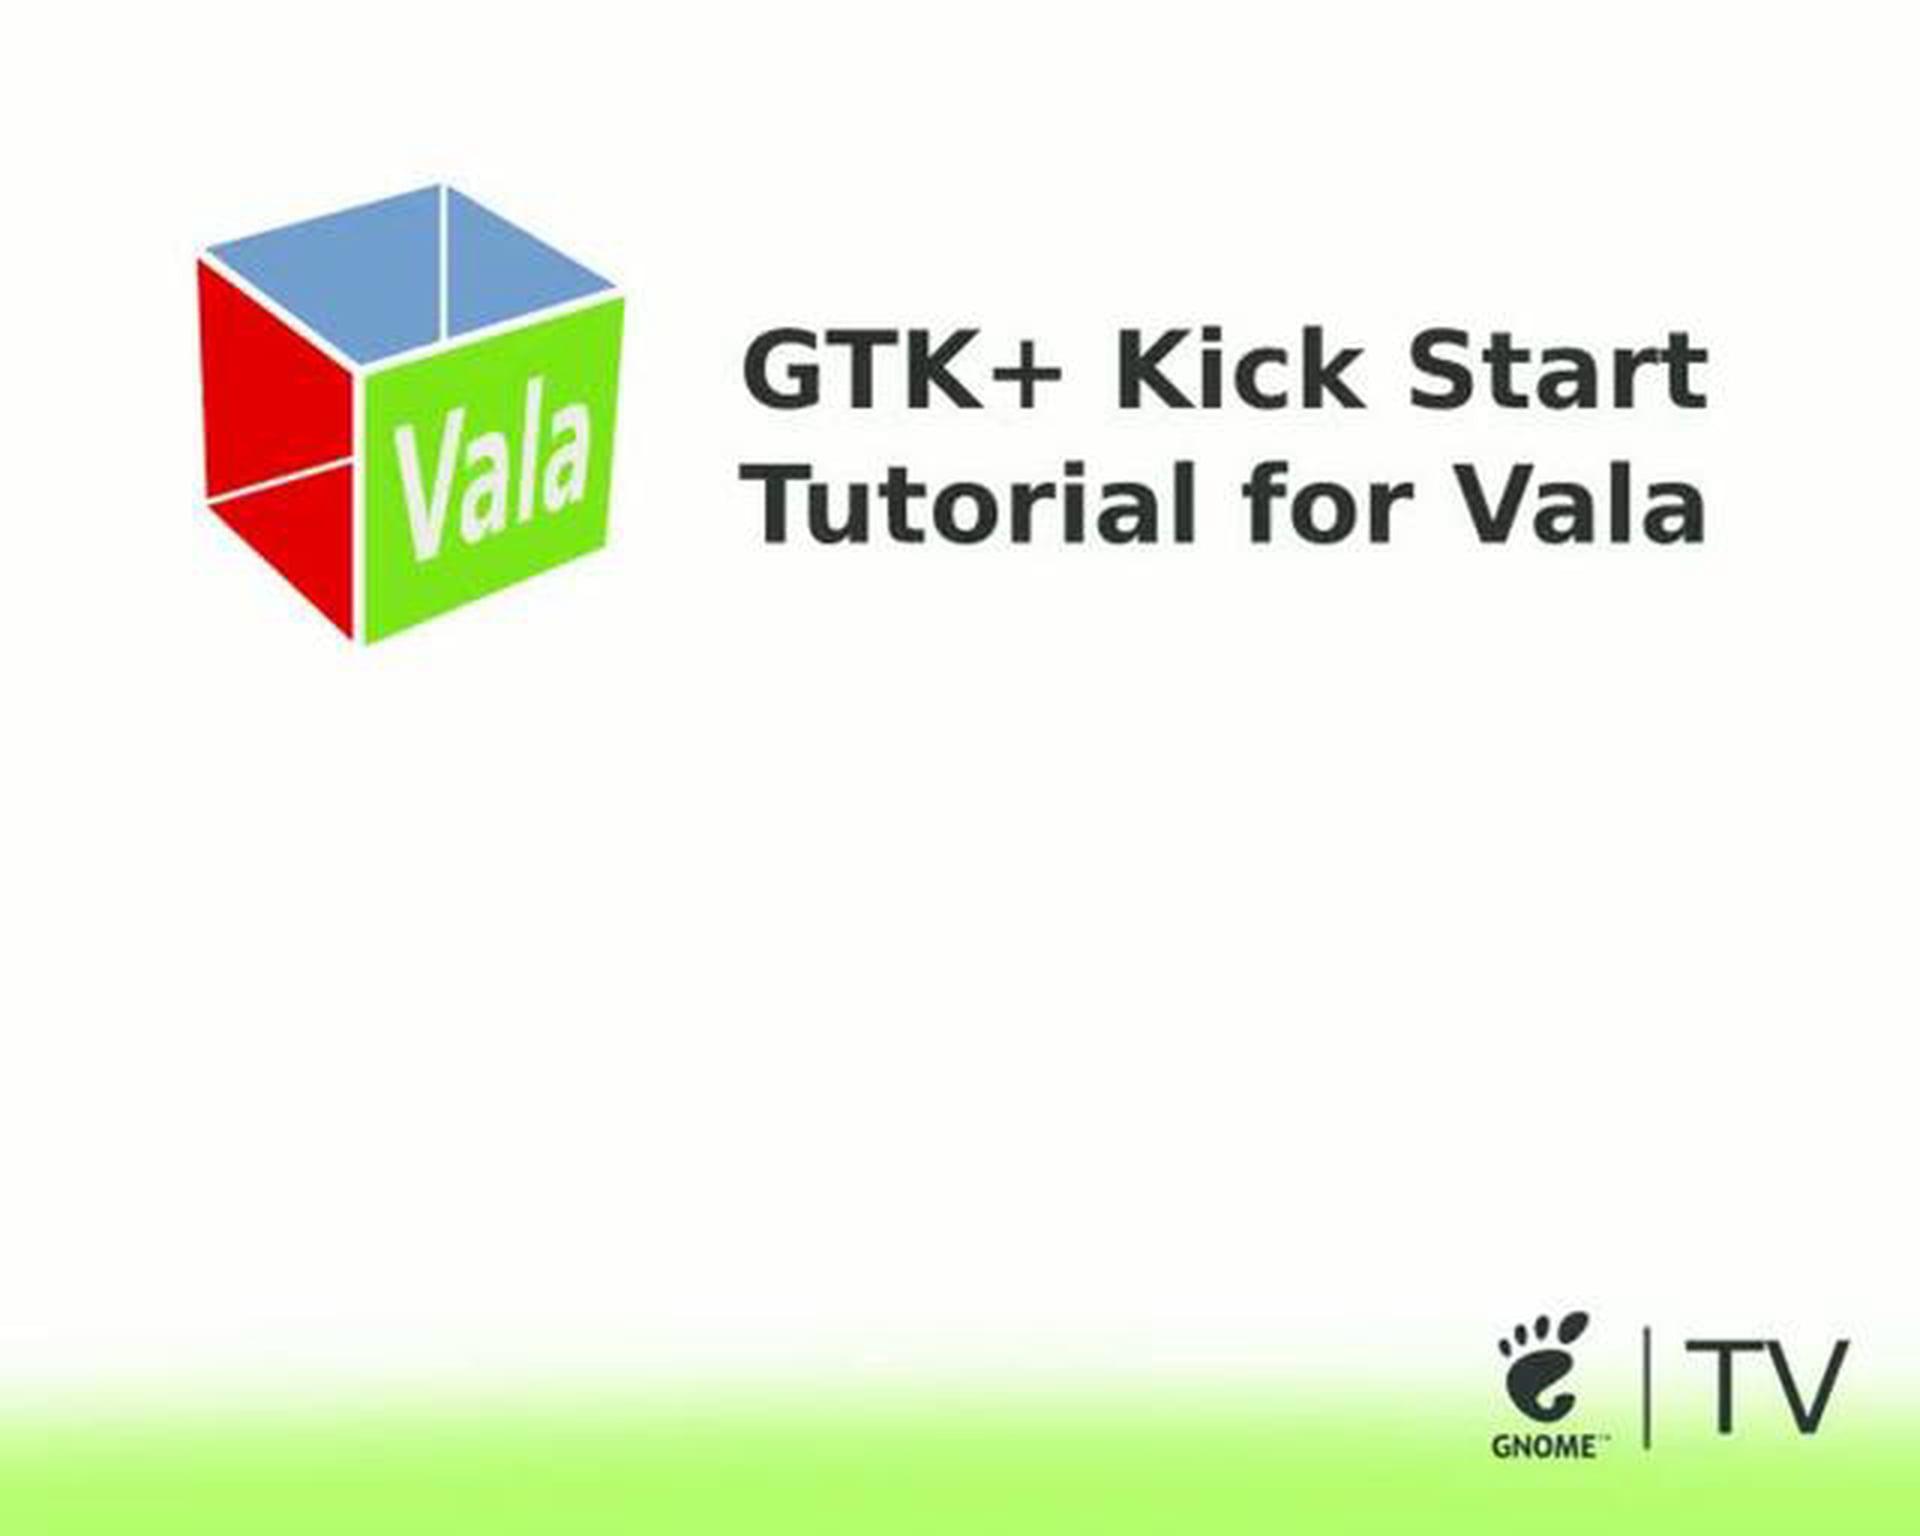 Gtk+ Kick-Start Tutorial for Vala